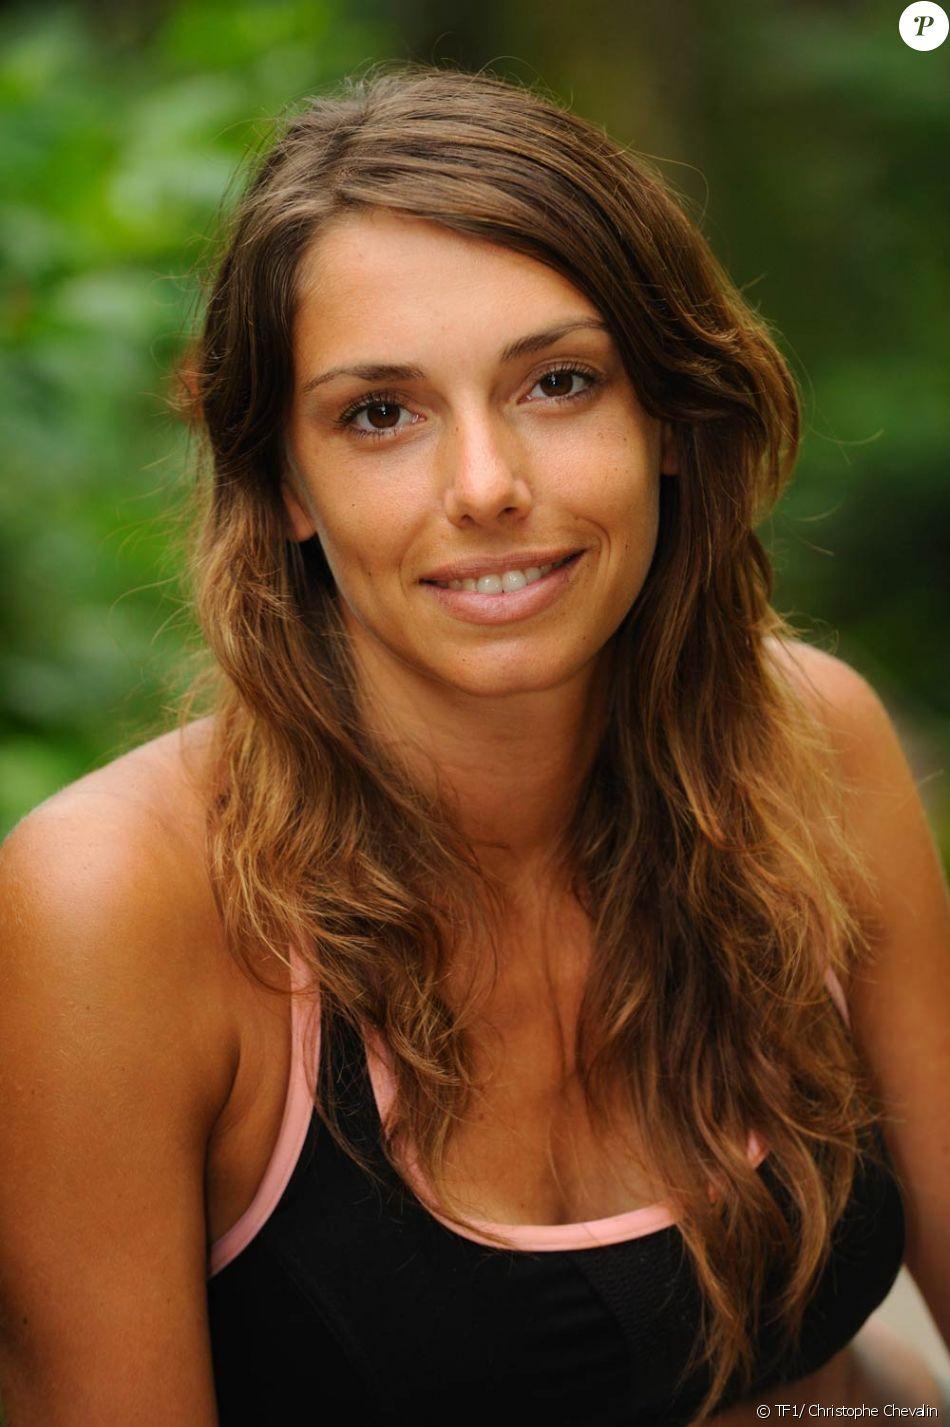 Raphaële, 29 ans. Cette femme déterminée est responsable d'achats informatiques à Montpellier (34)